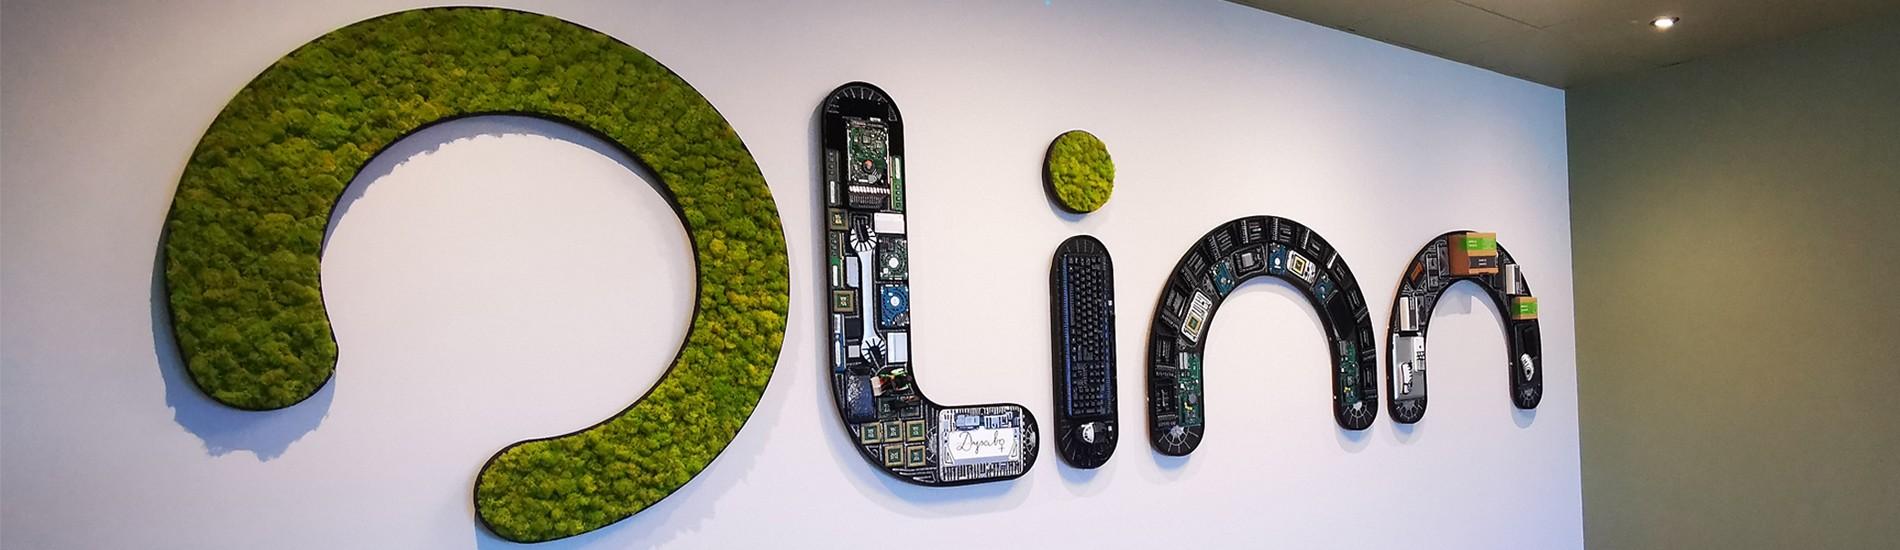 lettres logo végétales , personnalisés , en collaboration avec l'artiste Dysabo, pvc noir + lichen vert citron et intérieur en recyclage électronique.